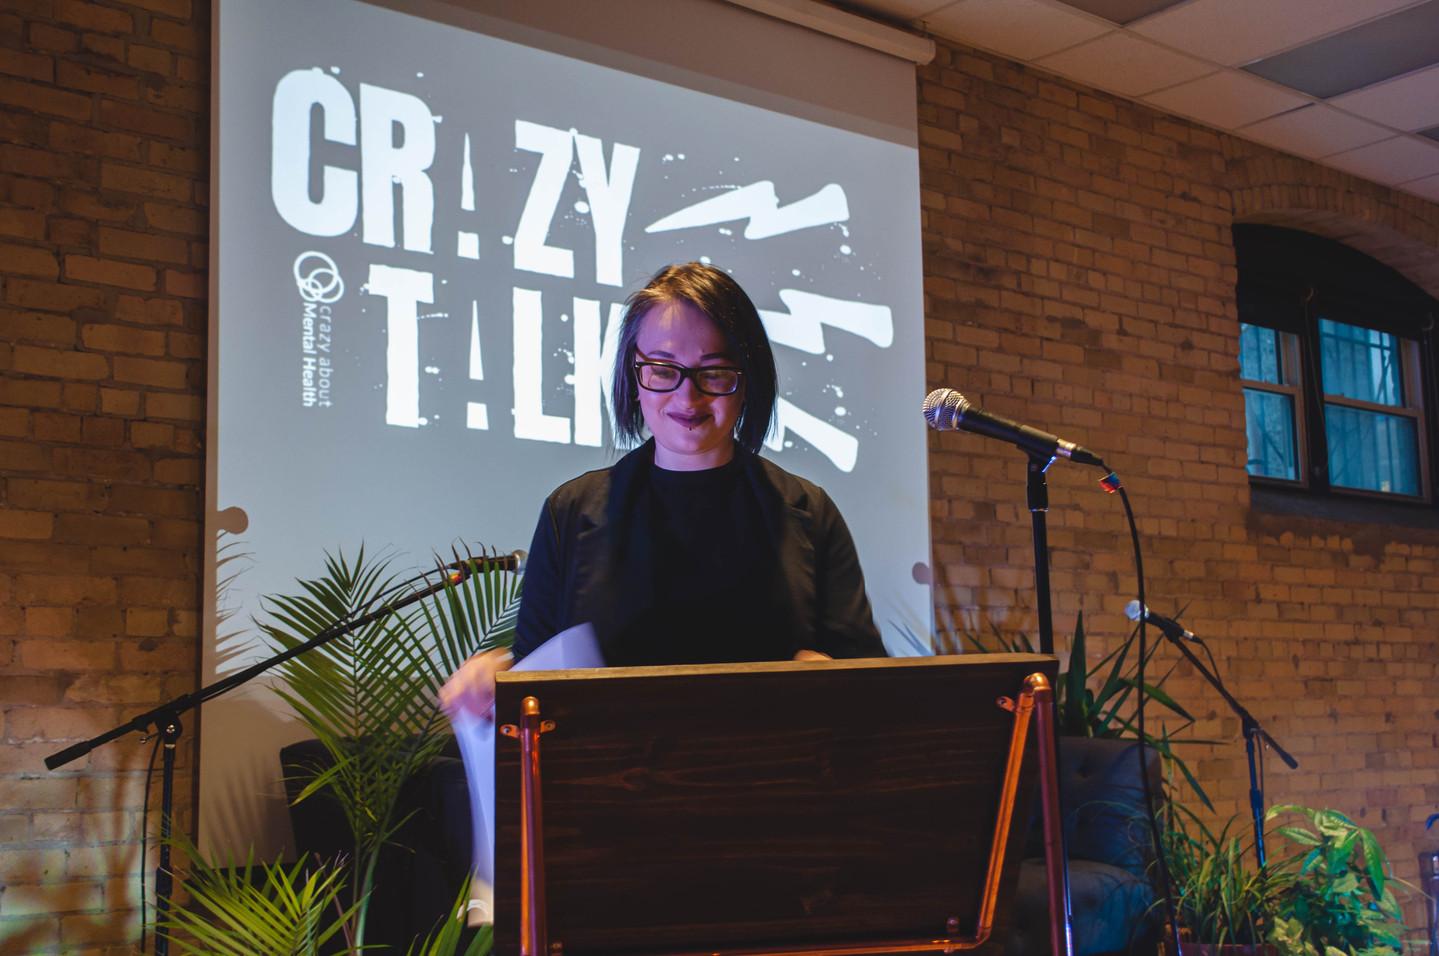 CrazyTalk @ Innovation Works